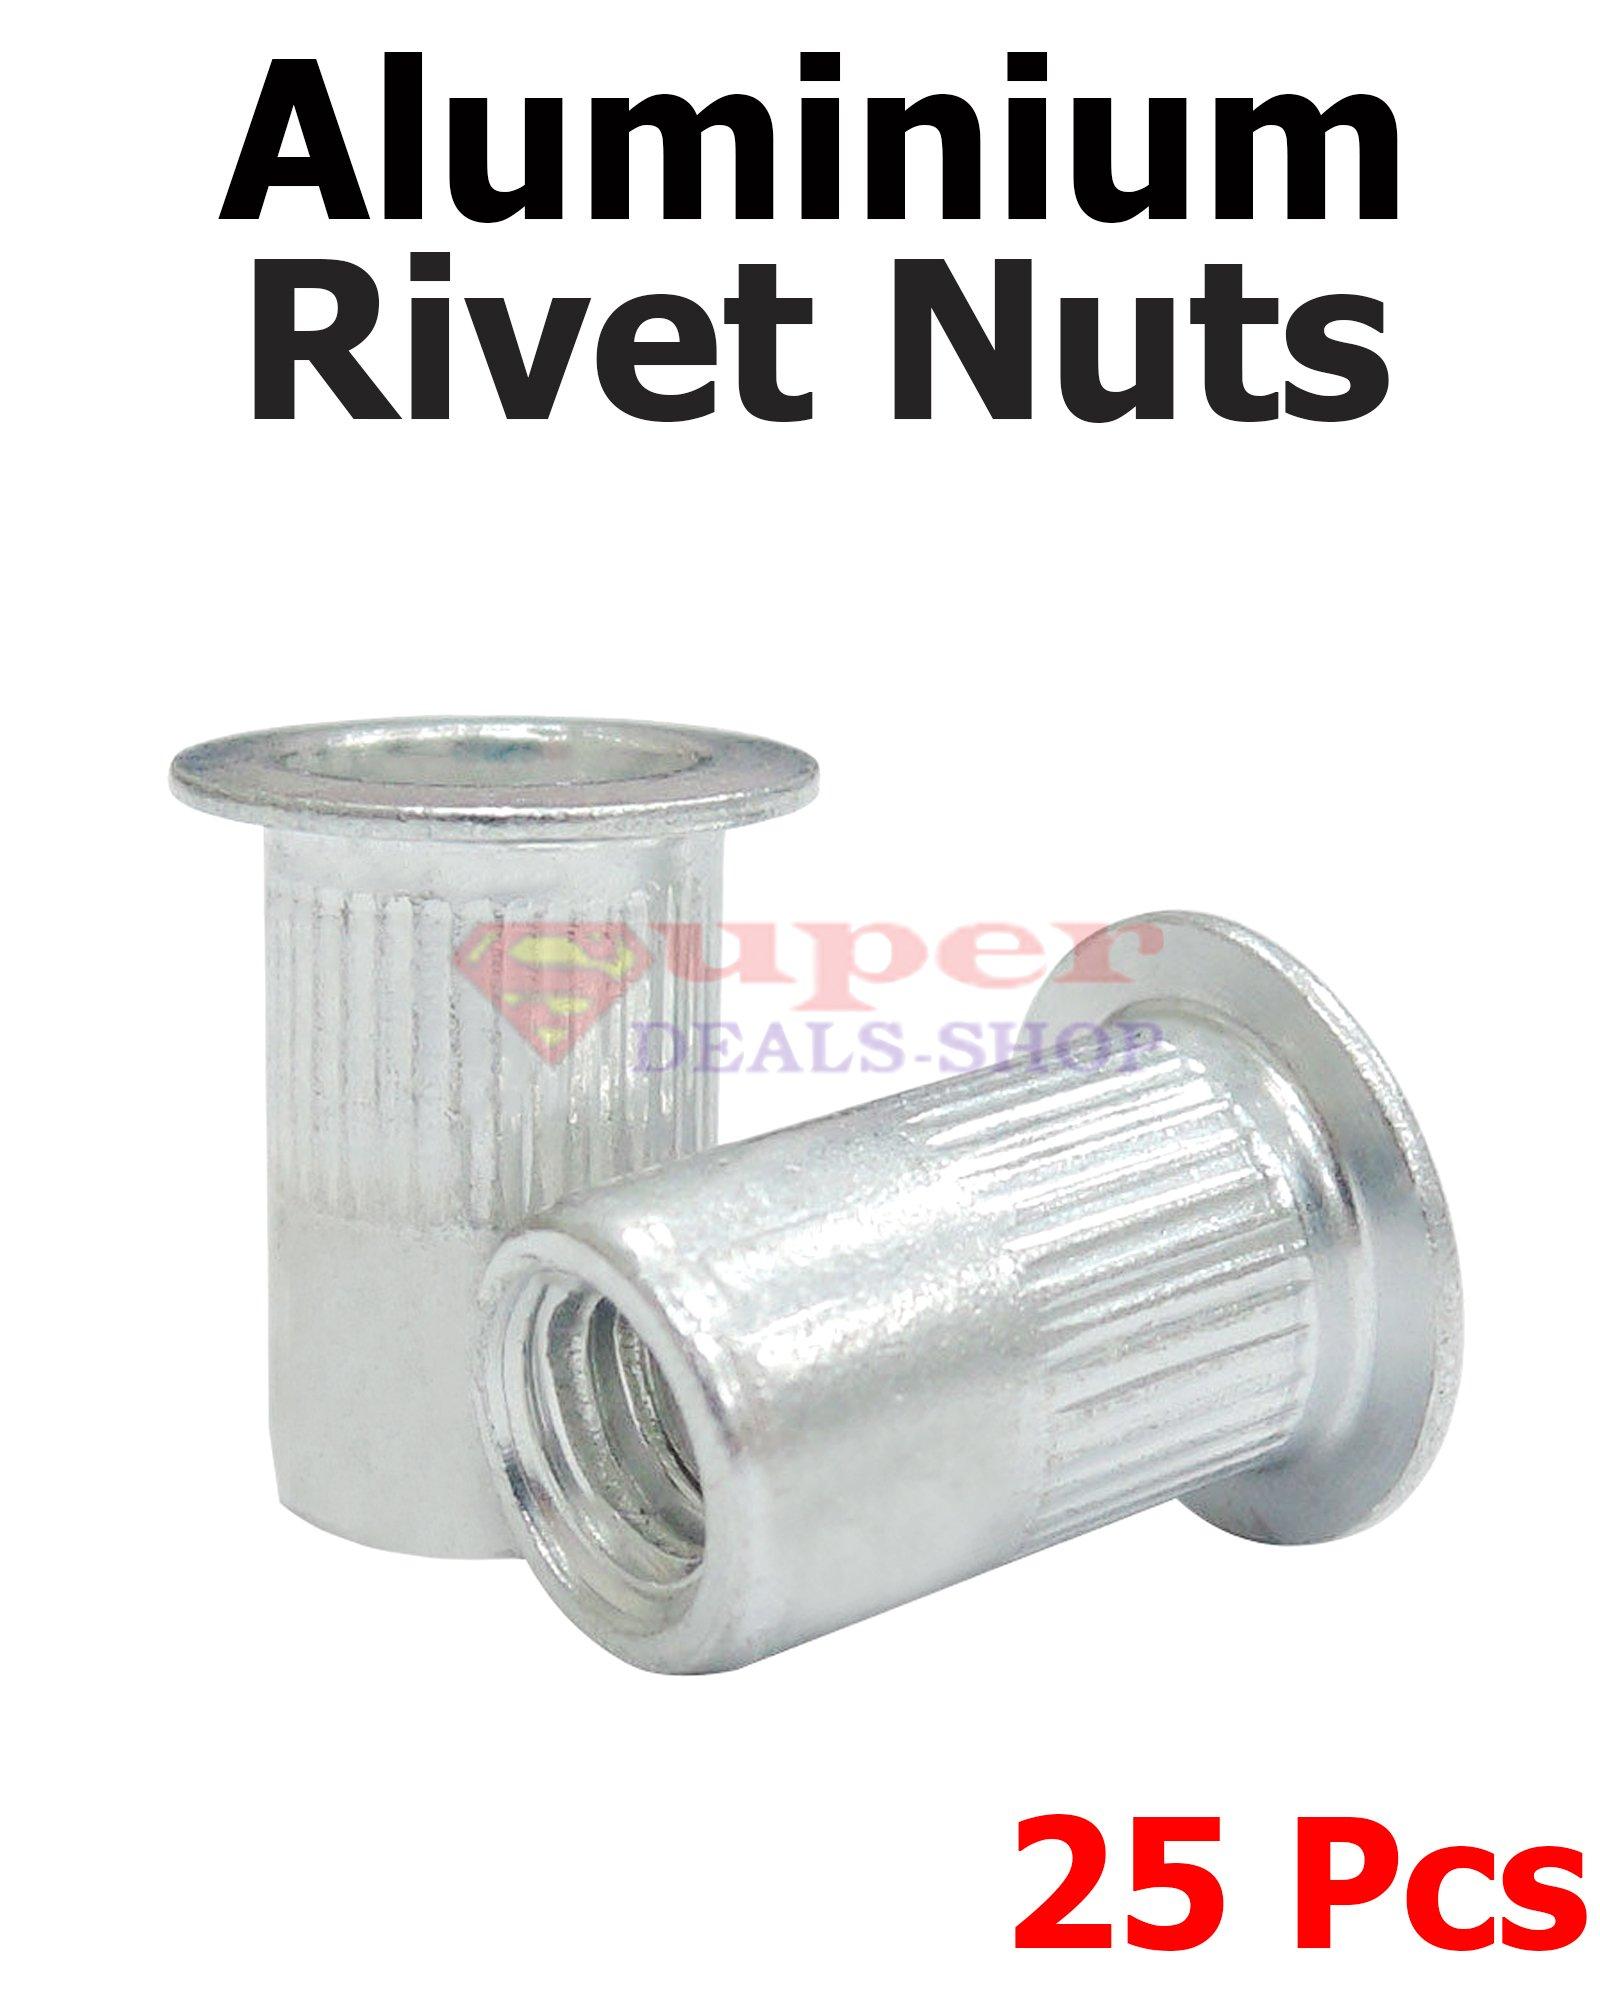 25 Pcs Aluminium Rivet Nuts Rivnut Insert Nutsert Rivet Nuts 1/4-20 UNC Super-Deals-Shop